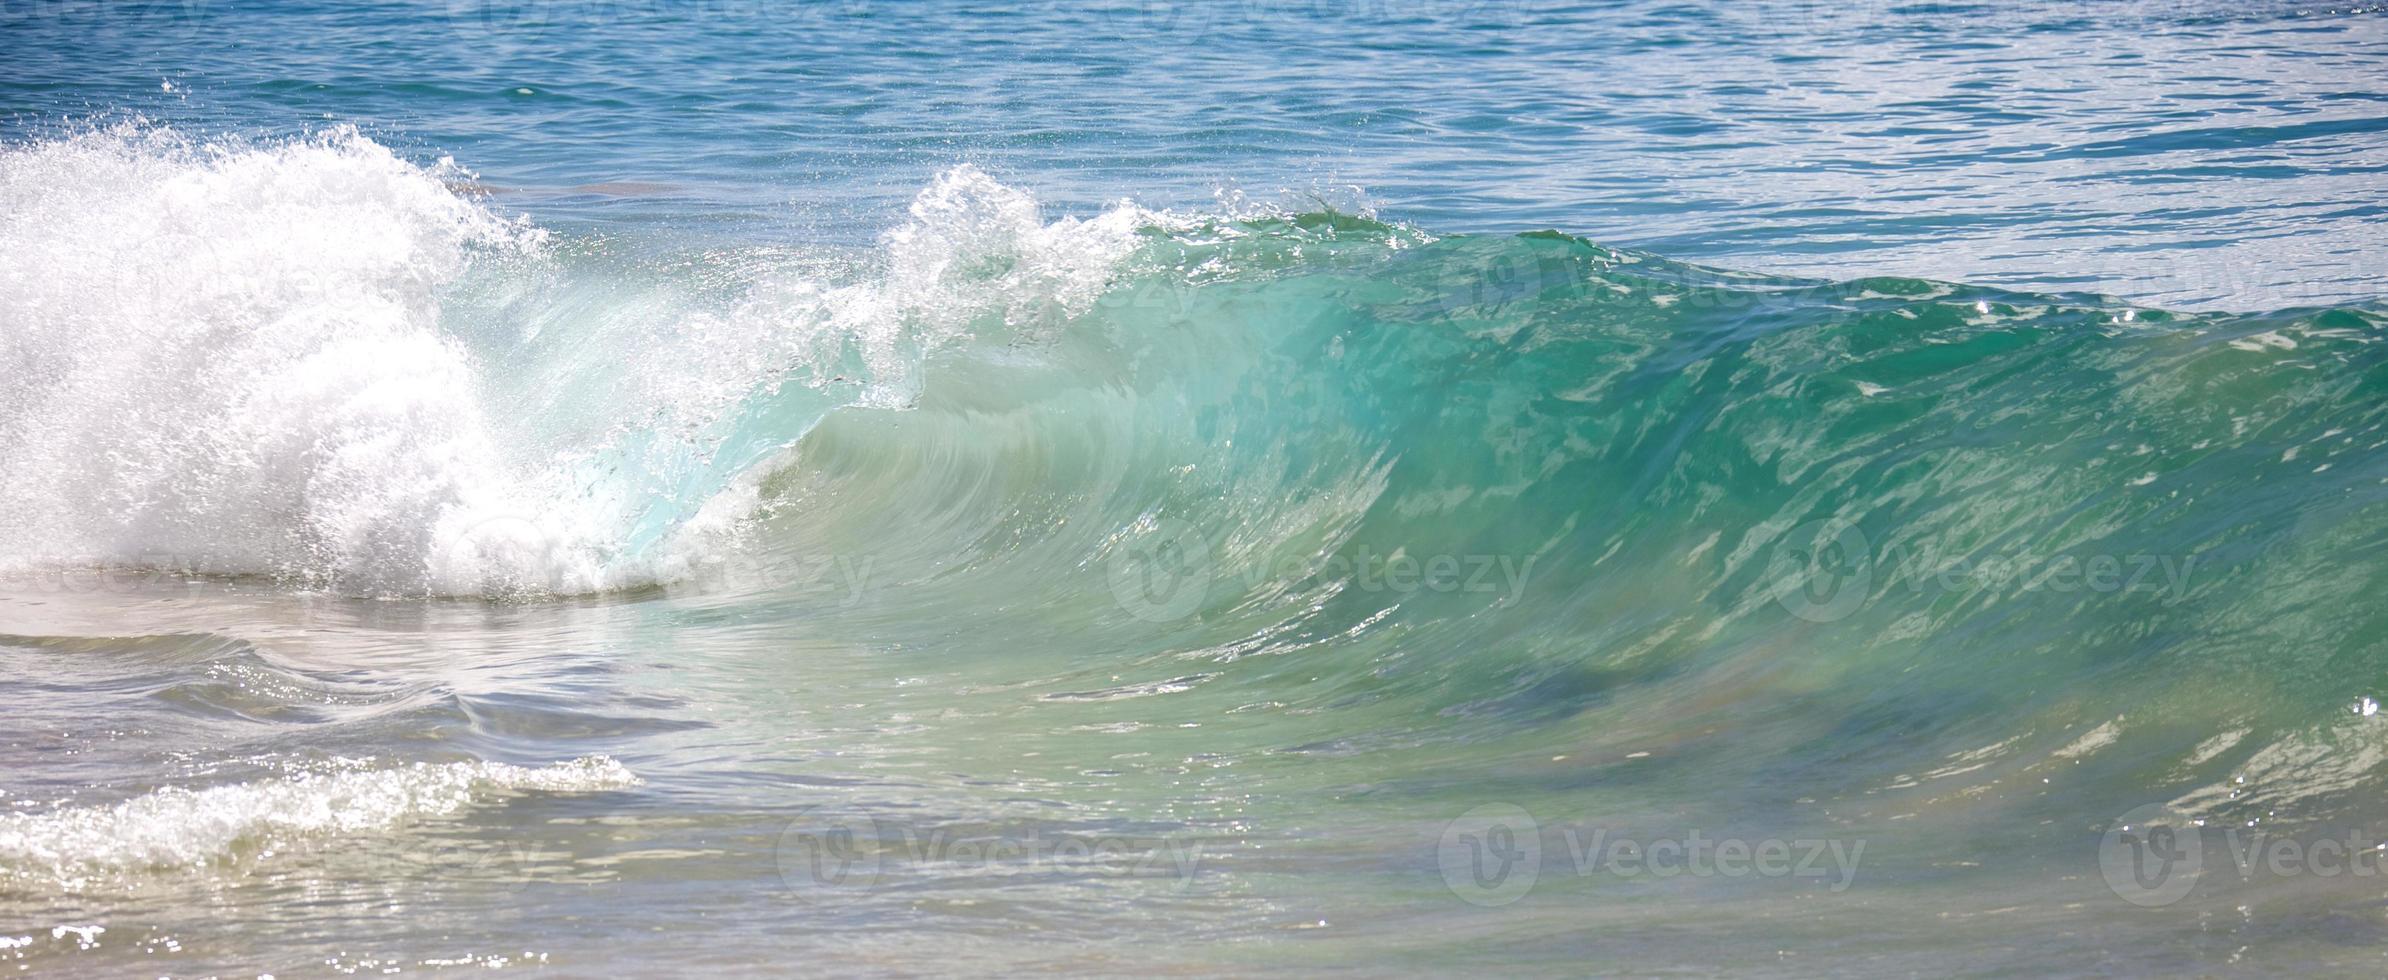 ondas quebrando em uma costa em maui Havaí foto